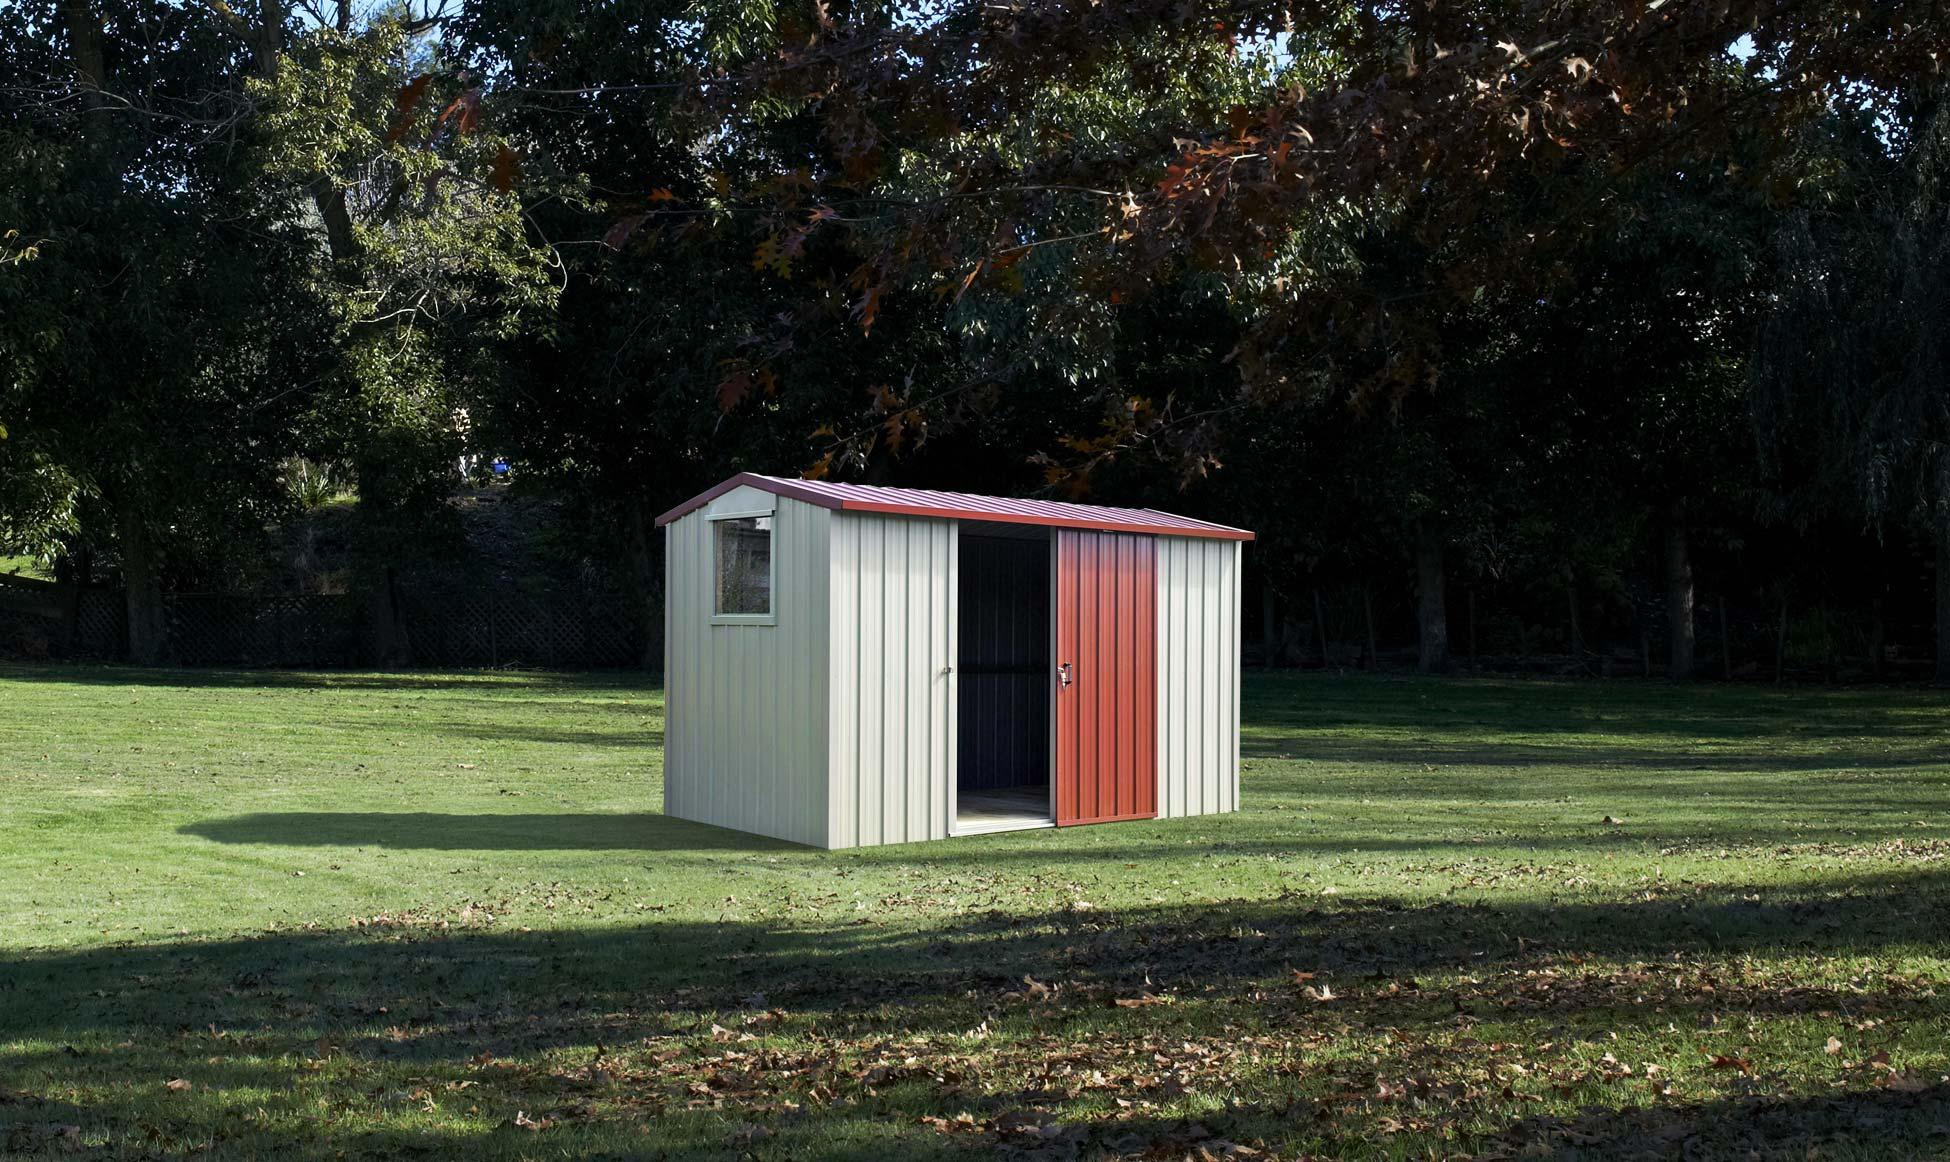 Garden Sheds NZ gubba-garden-sheds-hero-image-kiwi-s1